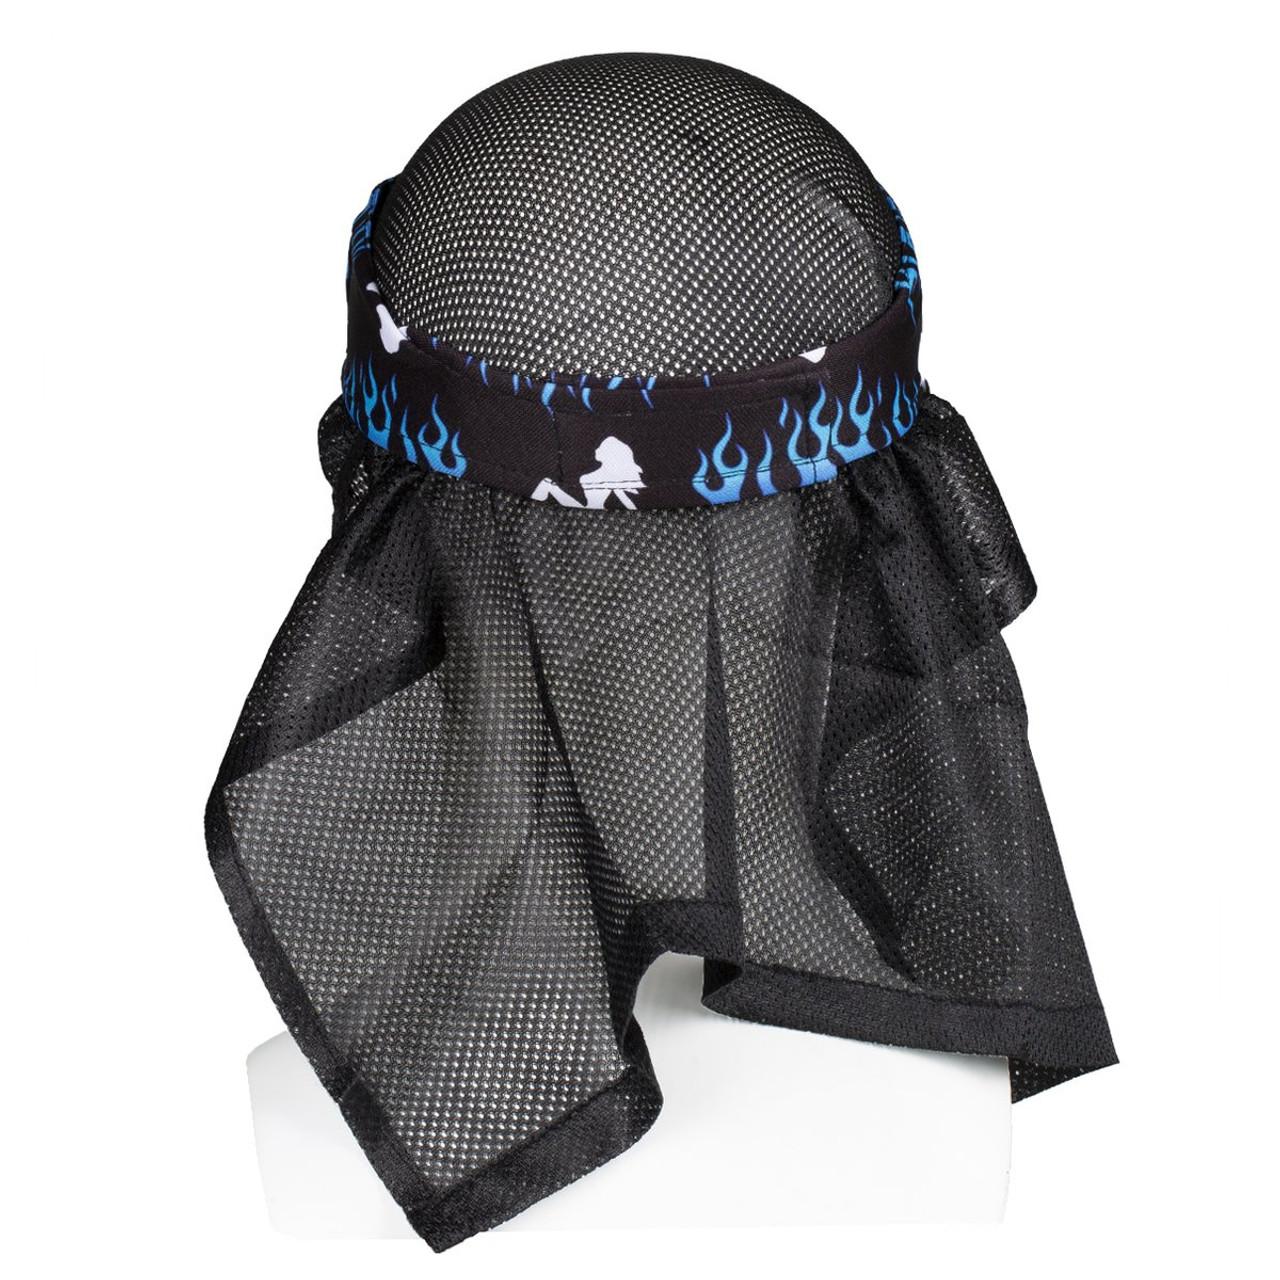 HK - Headwrap - Trucker Blue